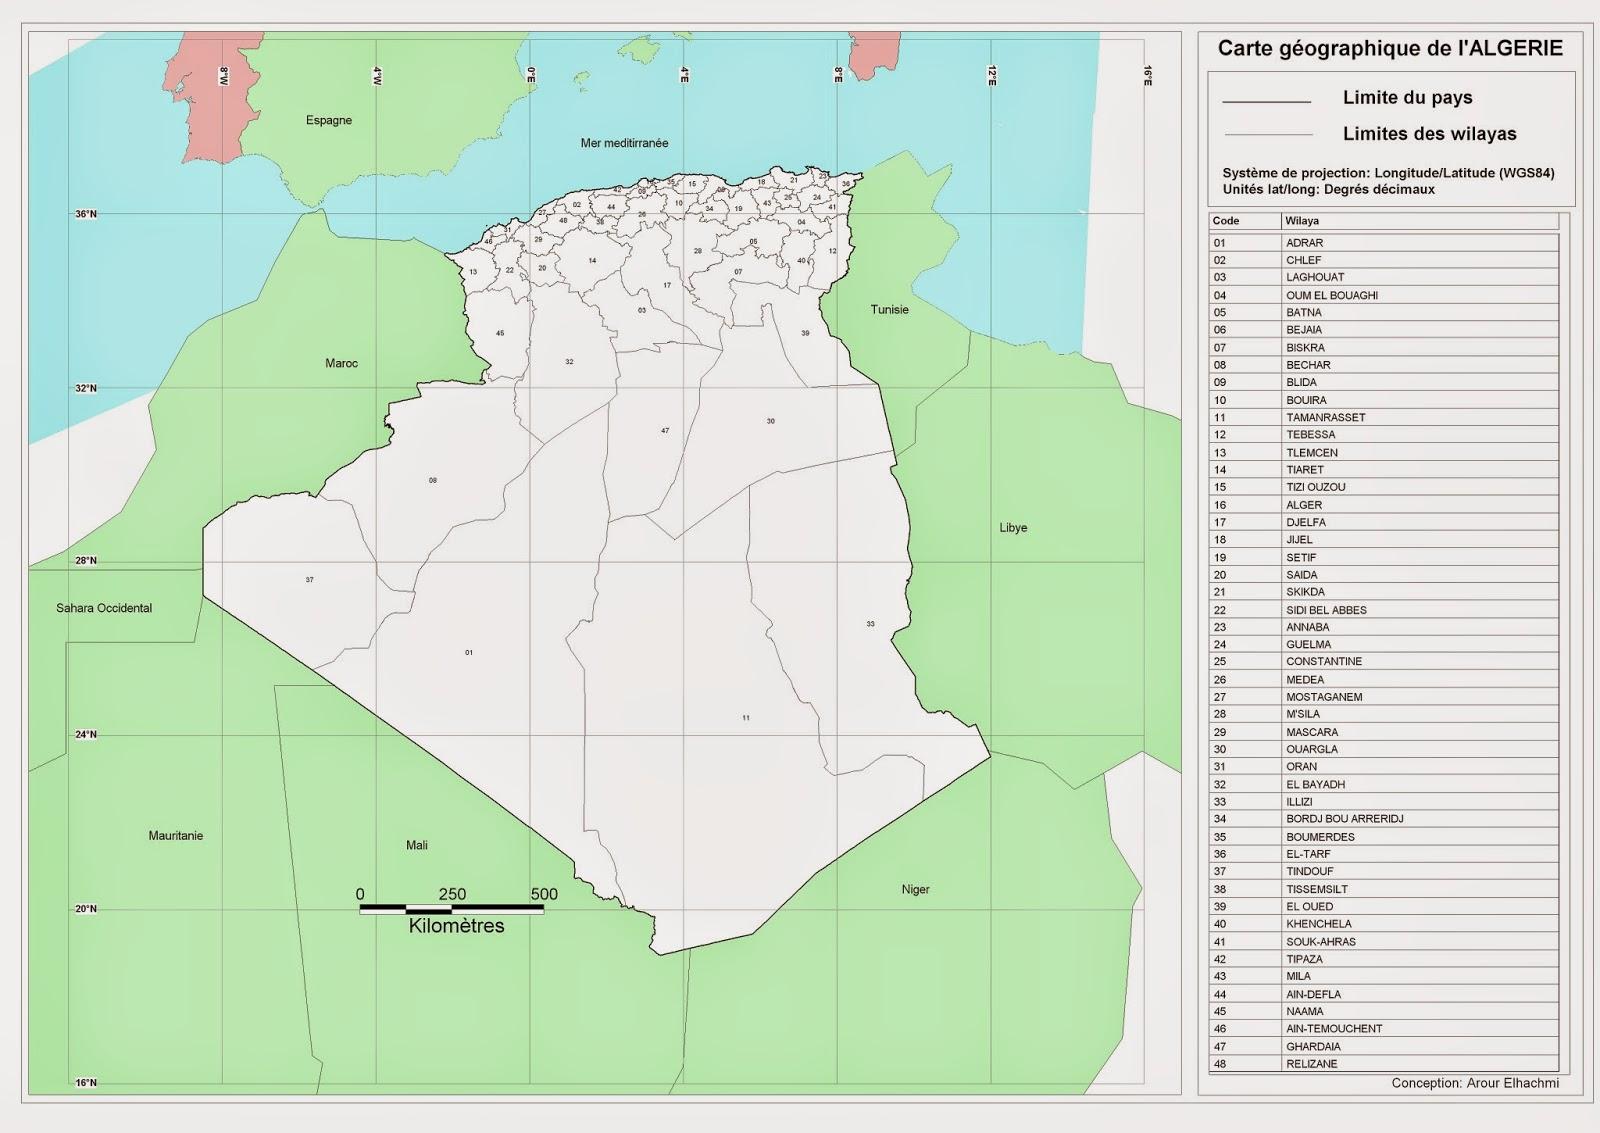 Carte Algerie Wilaya.Decoupage Administratif De L Algerie Monographie Cartes